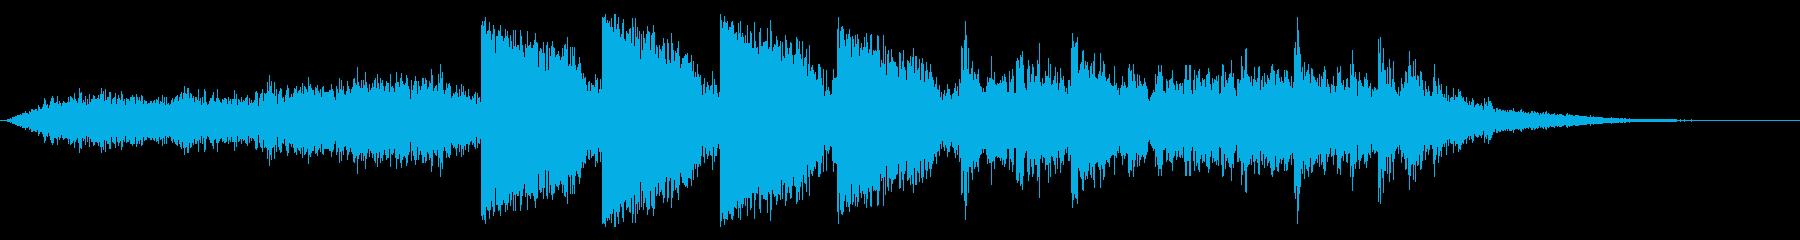 ダークなアンビエント 60秒版の再生済みの波形